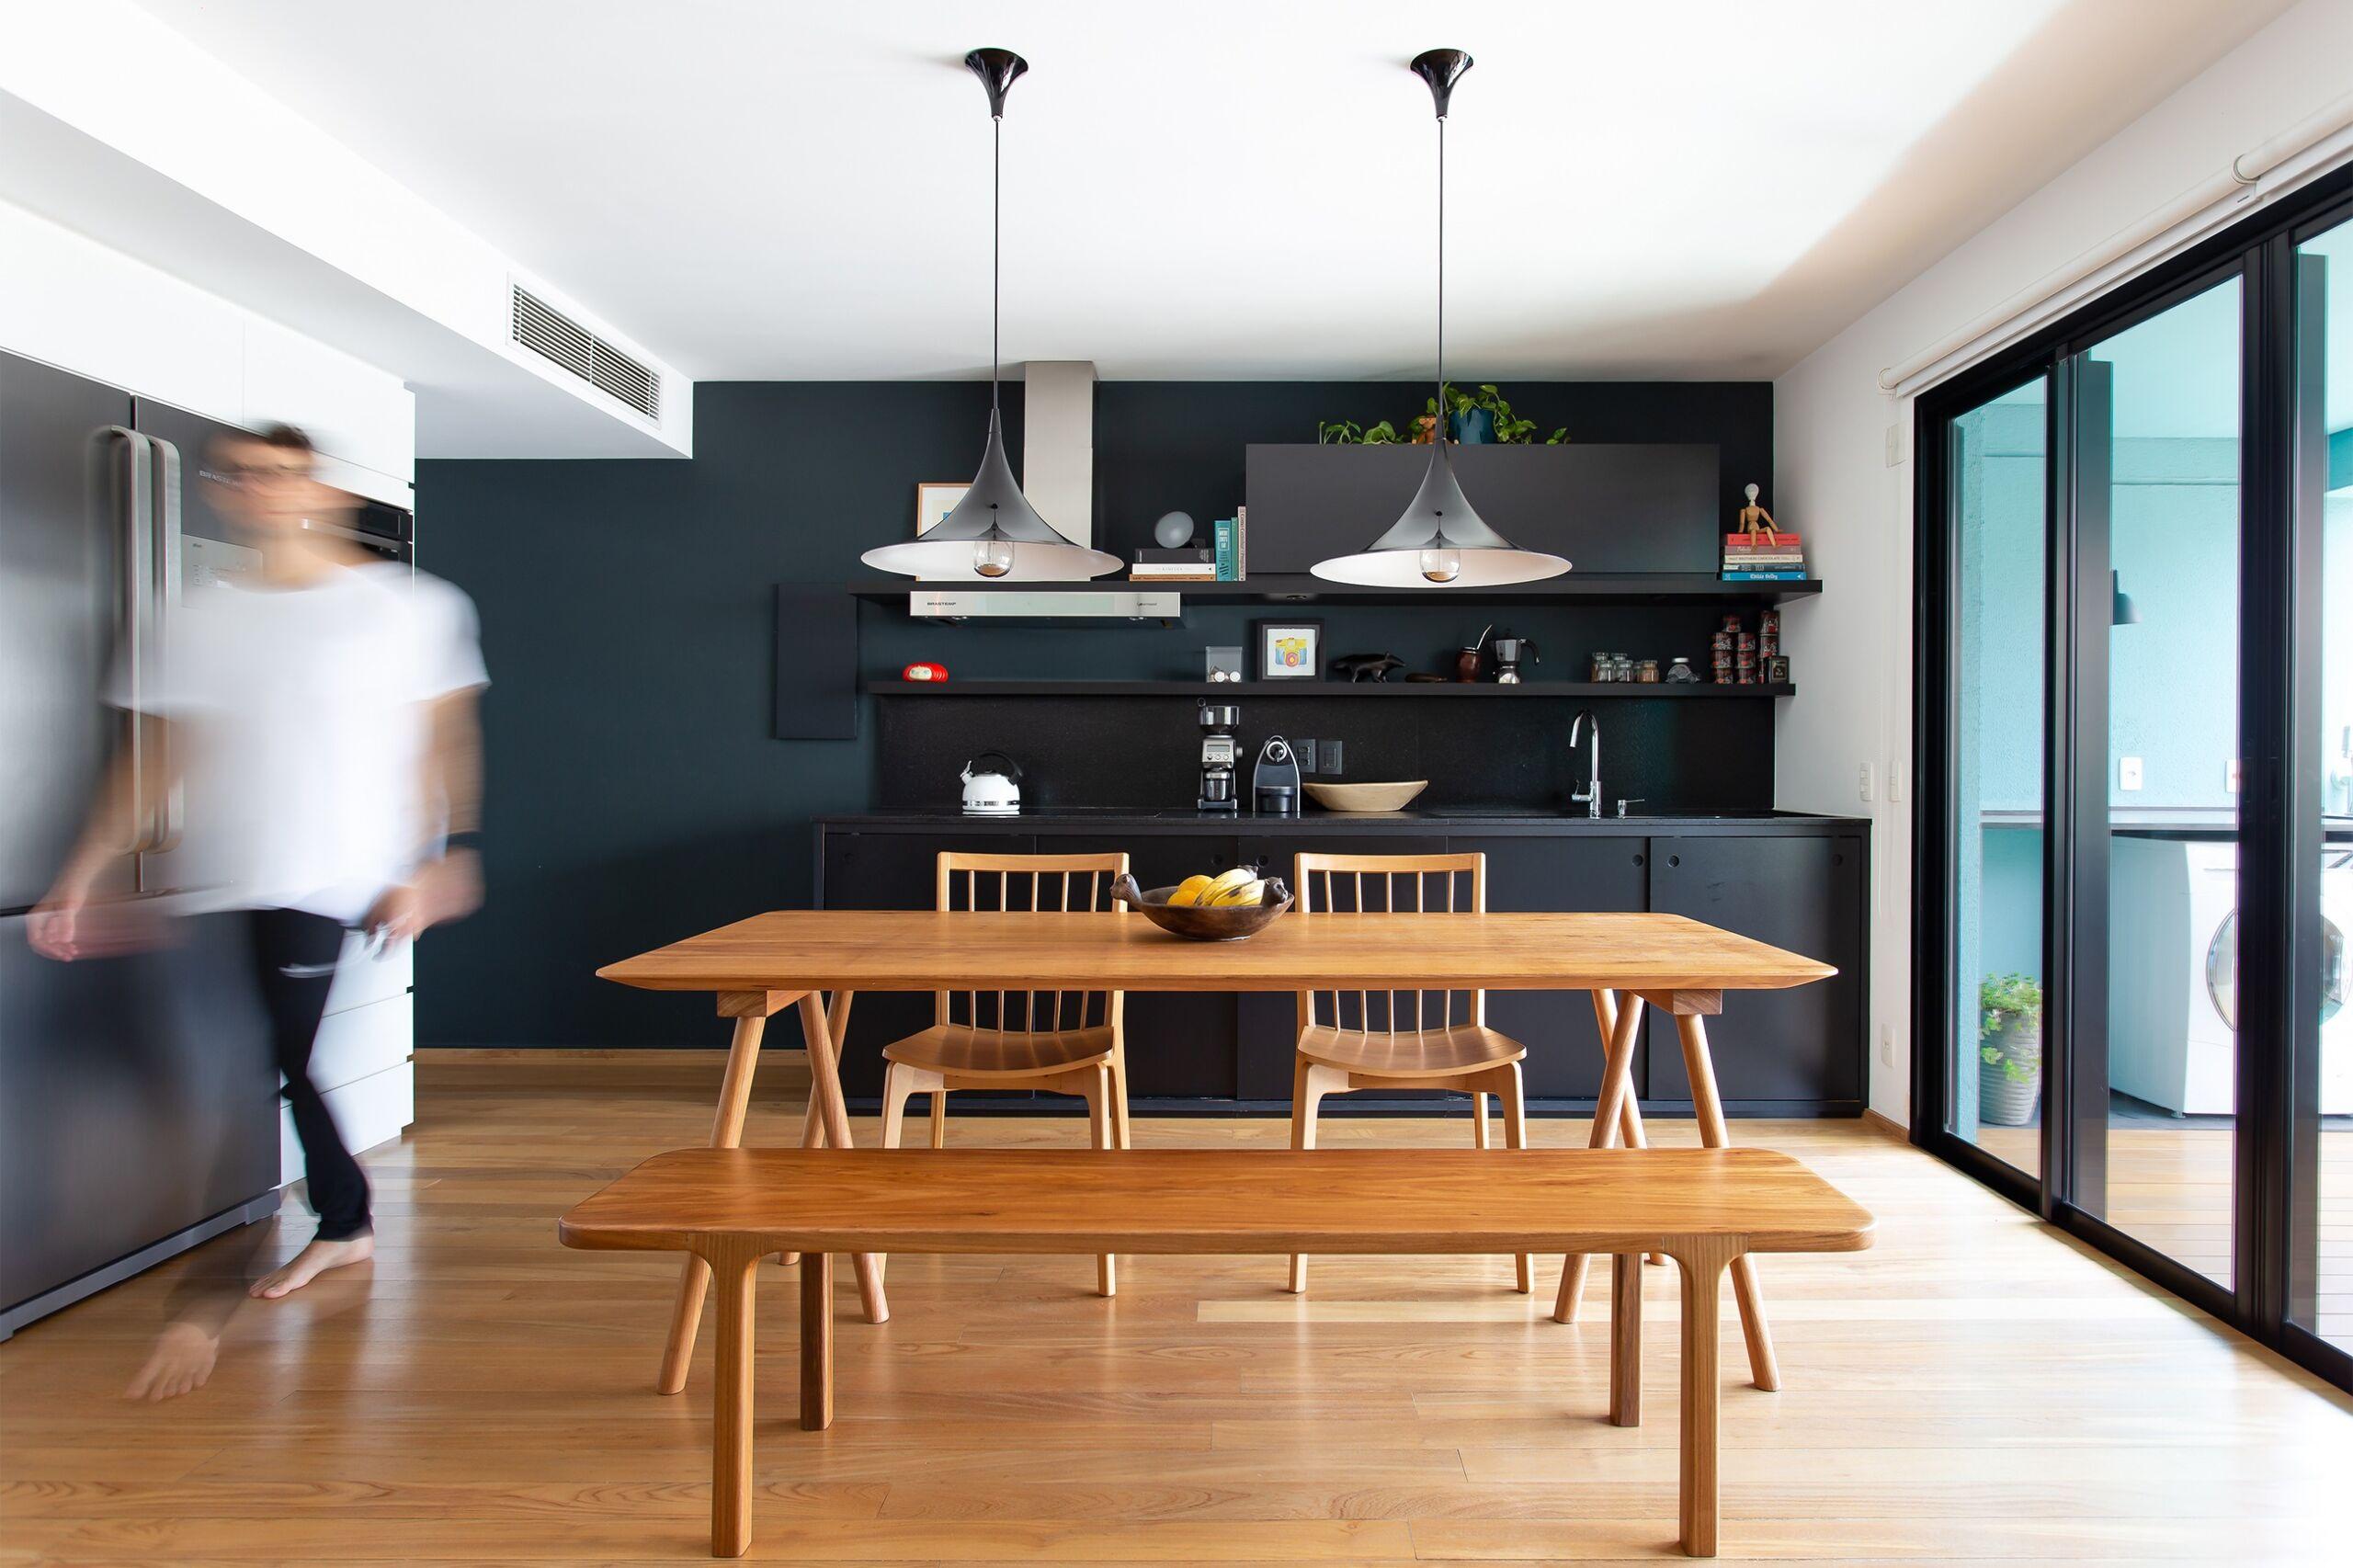 cozinha-com-parede-preta-e-moveis-de-madeira-clara